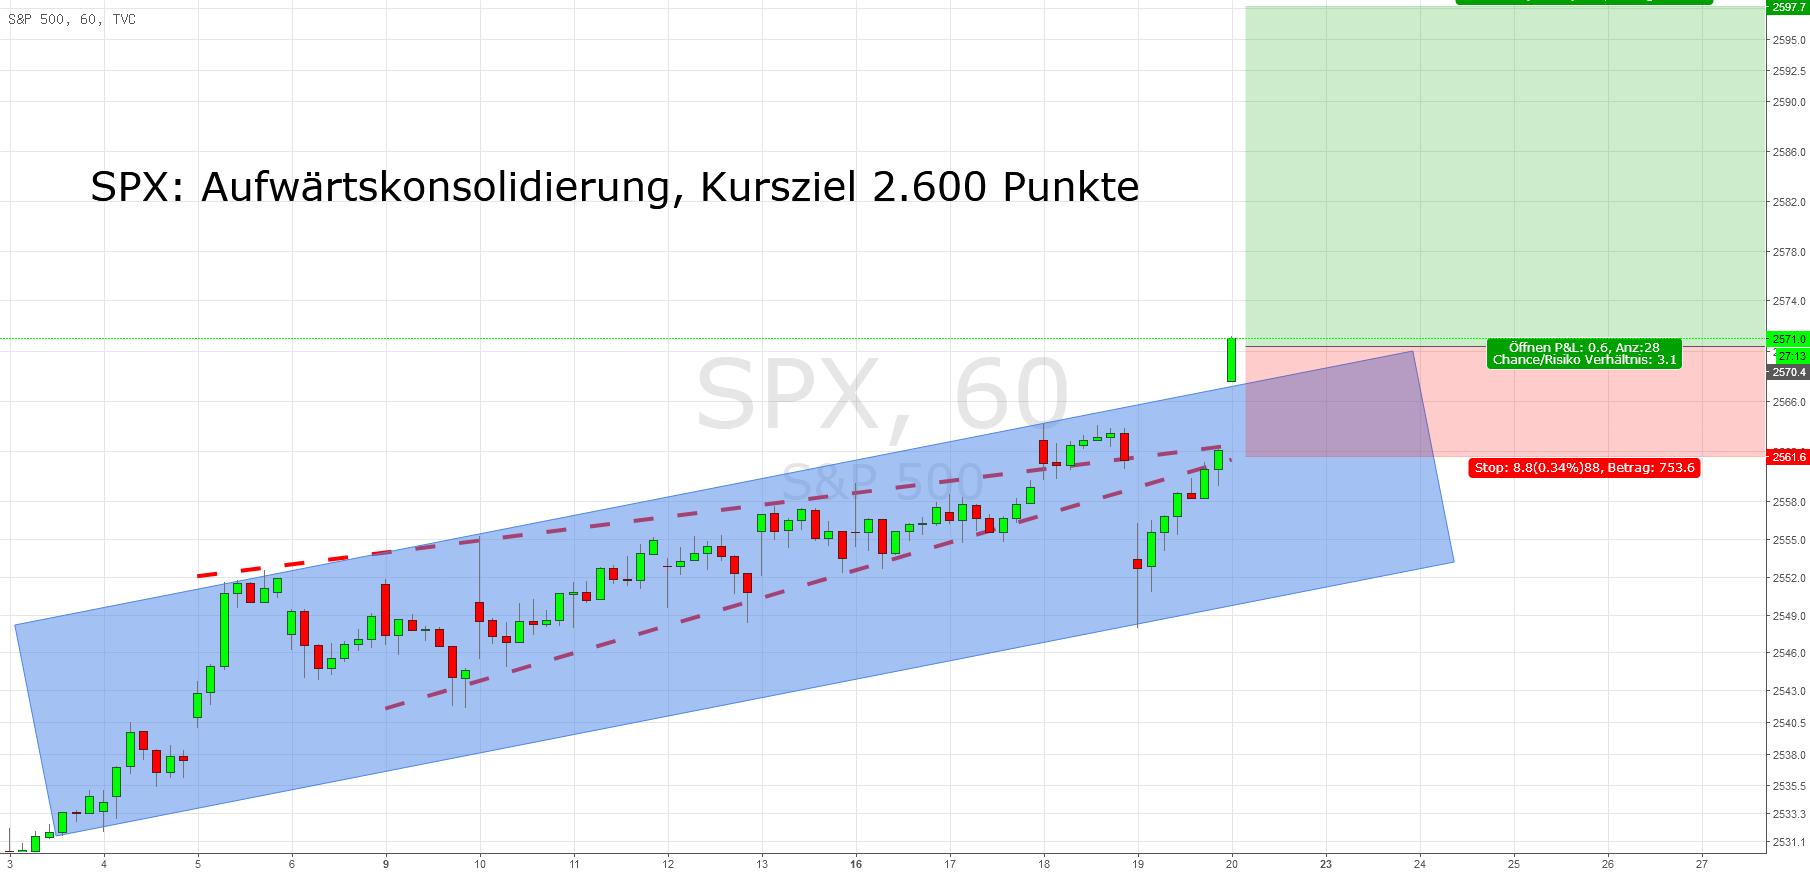 SPX: Stealth Aufwärtskonsolidierung. Kursziel 2.600 Punkte